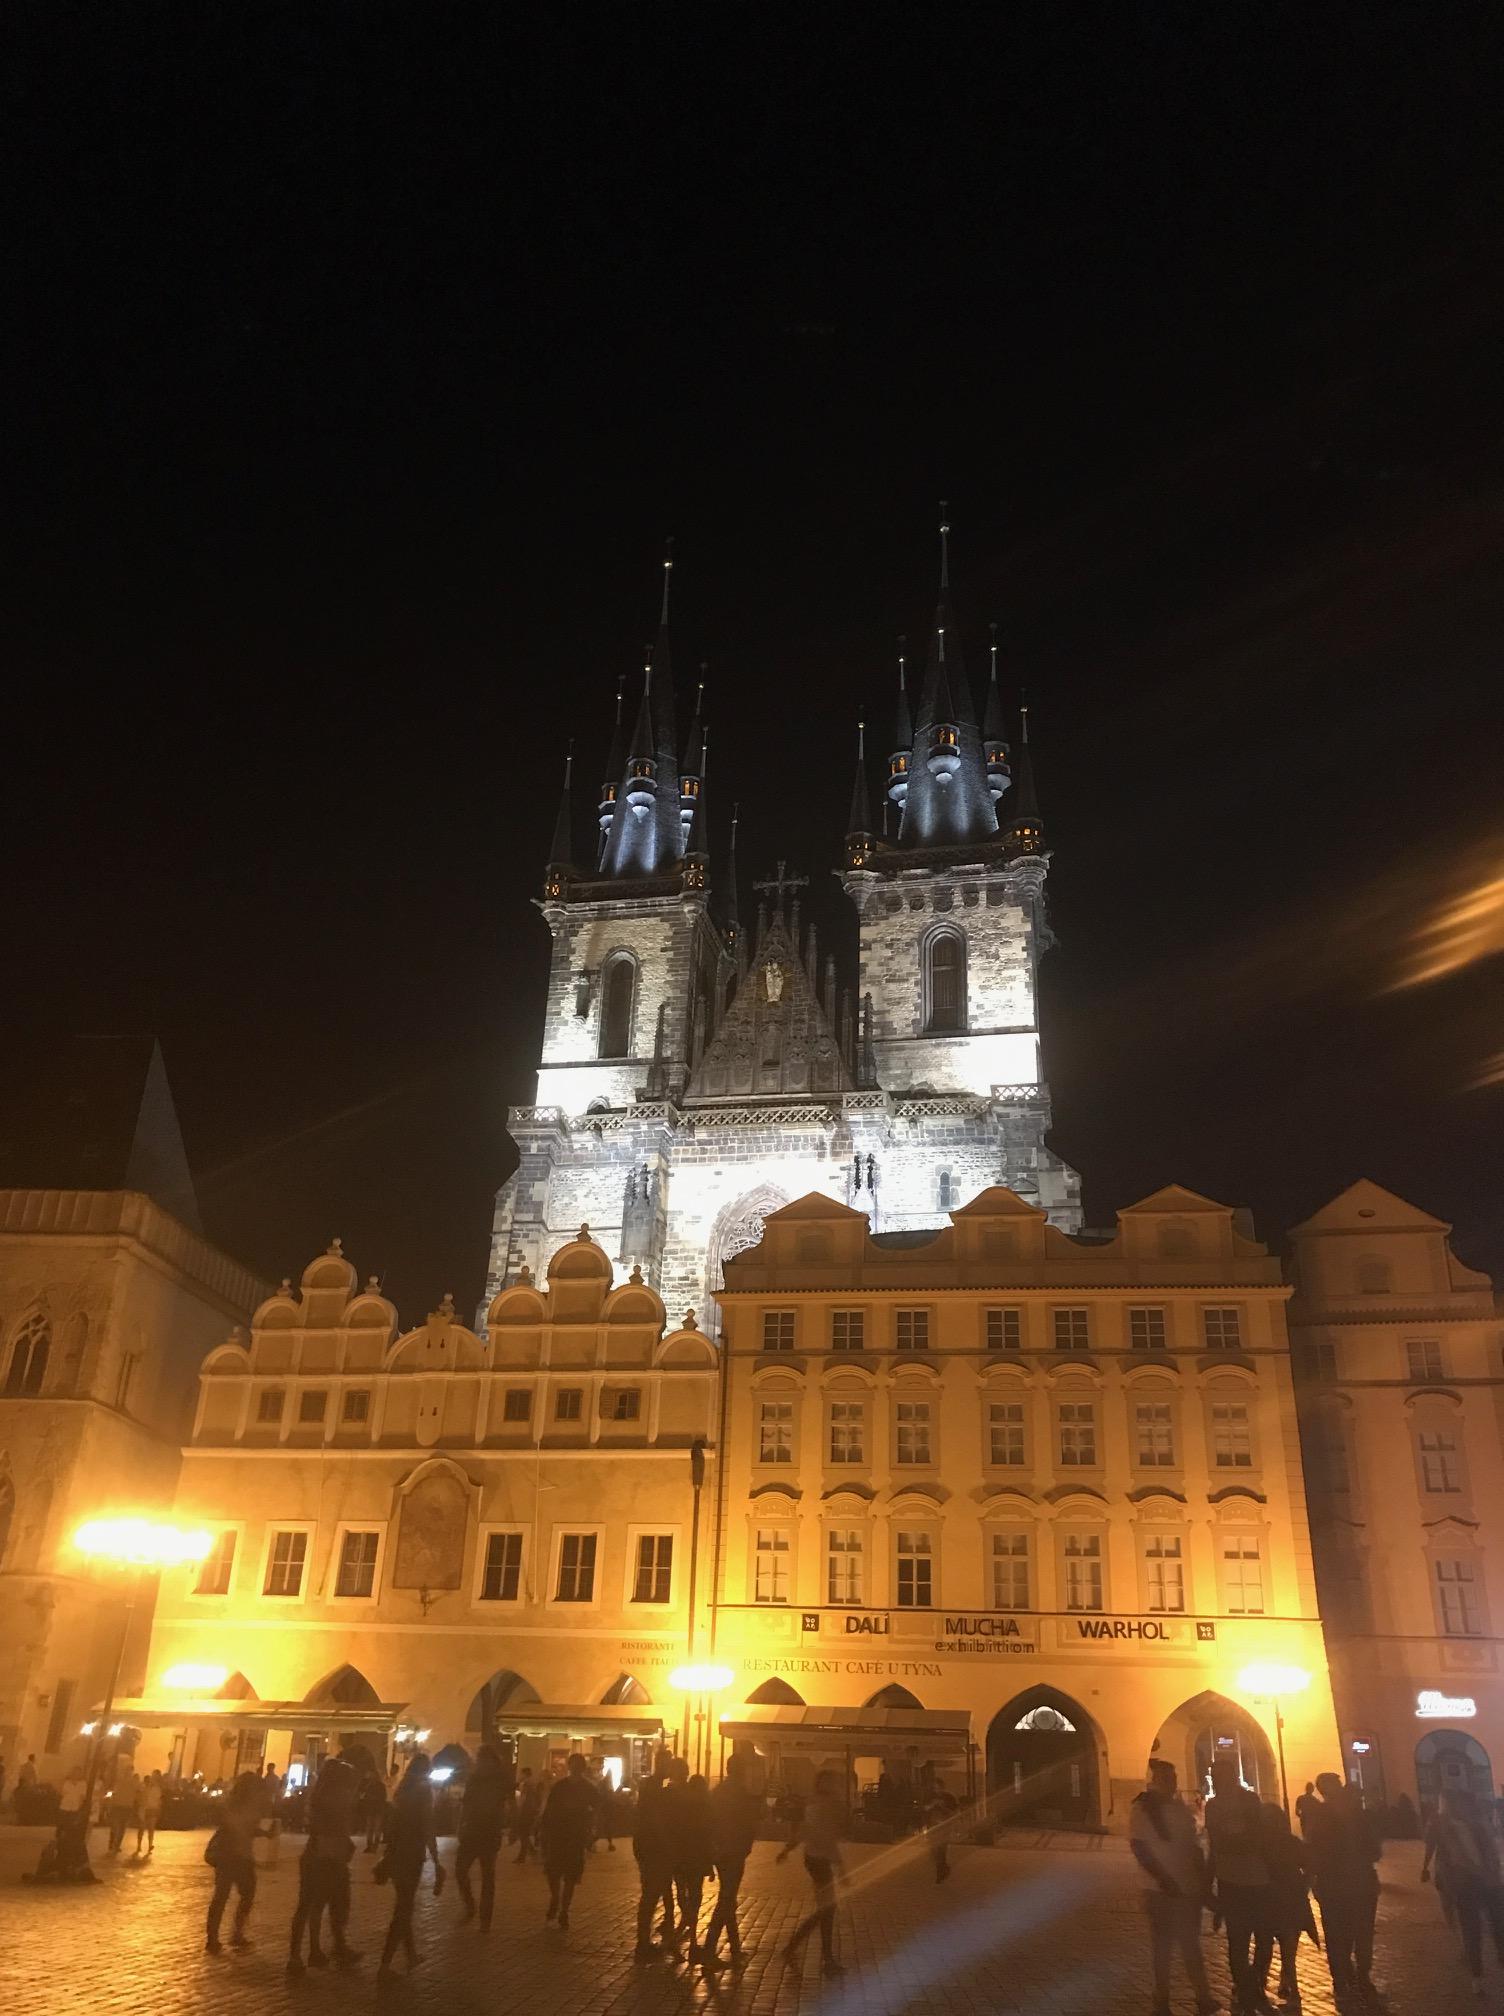 Fantástico monumento en plena plaza viaje de Praga